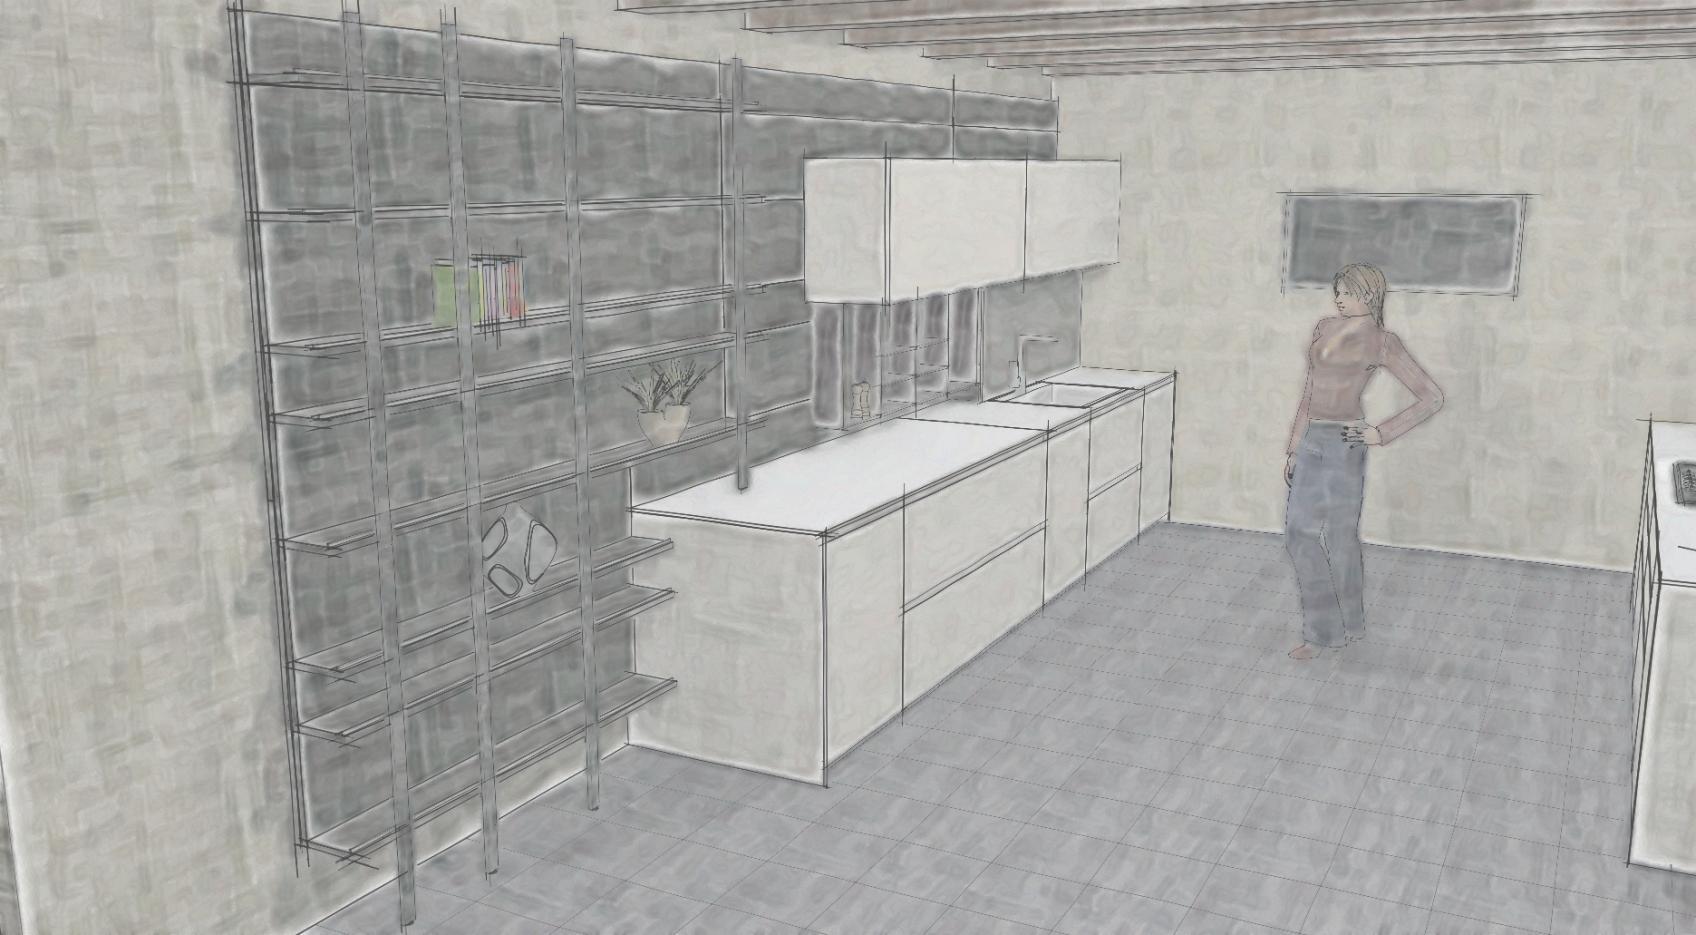 Mediadesign il configuratore grafico 3d di modulnova for Configuratore cucine